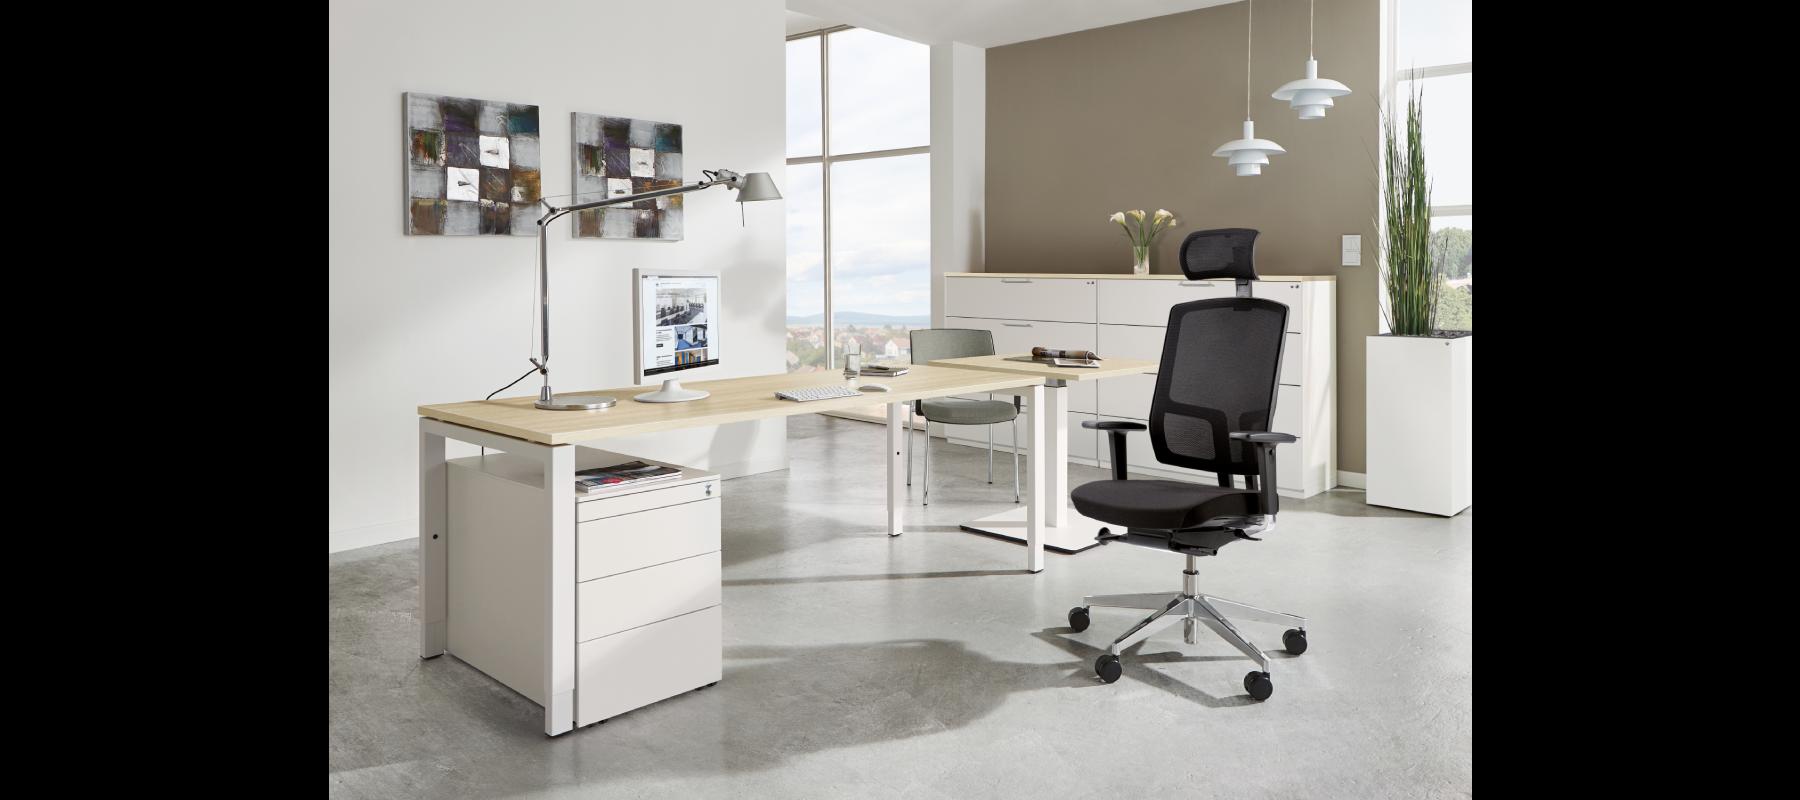 metalowe meble biurowe szafy szufladowe cp aranżacja - 01